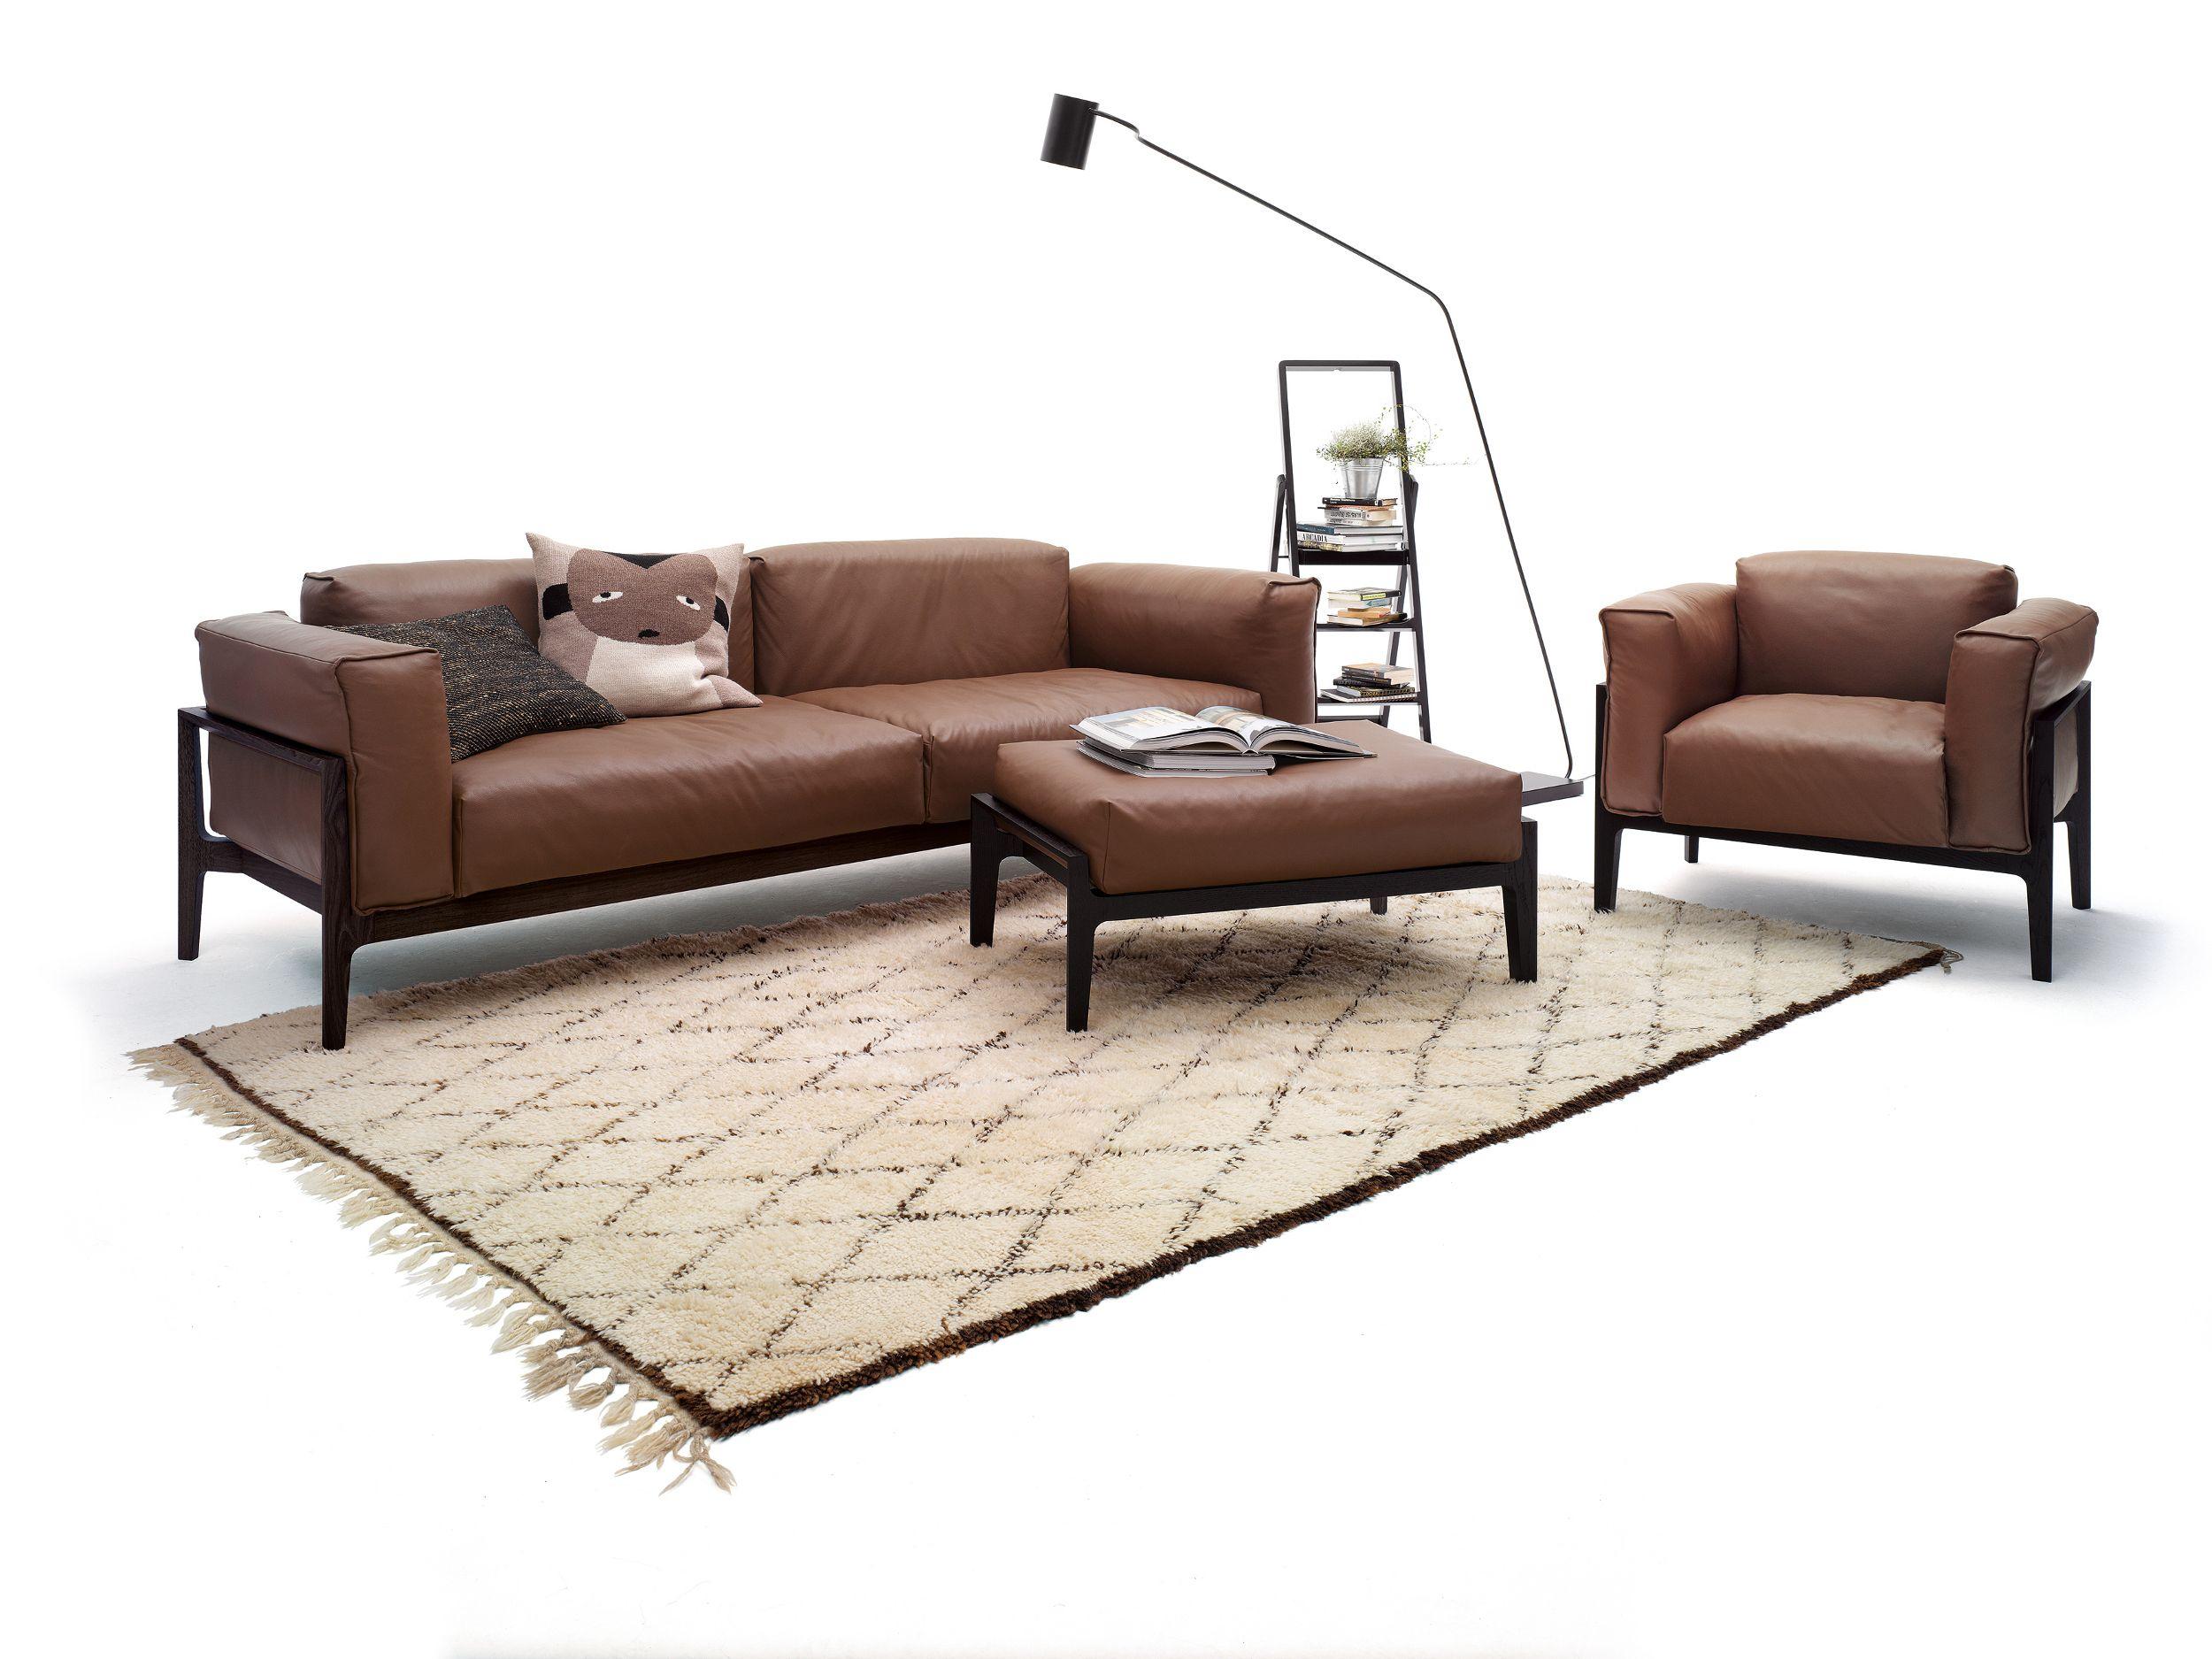 elm sofa aus leder by cor sitzm bel helmut l bke design jehs laub. Black Bedroom Furniture Sets. Home Design Ideas